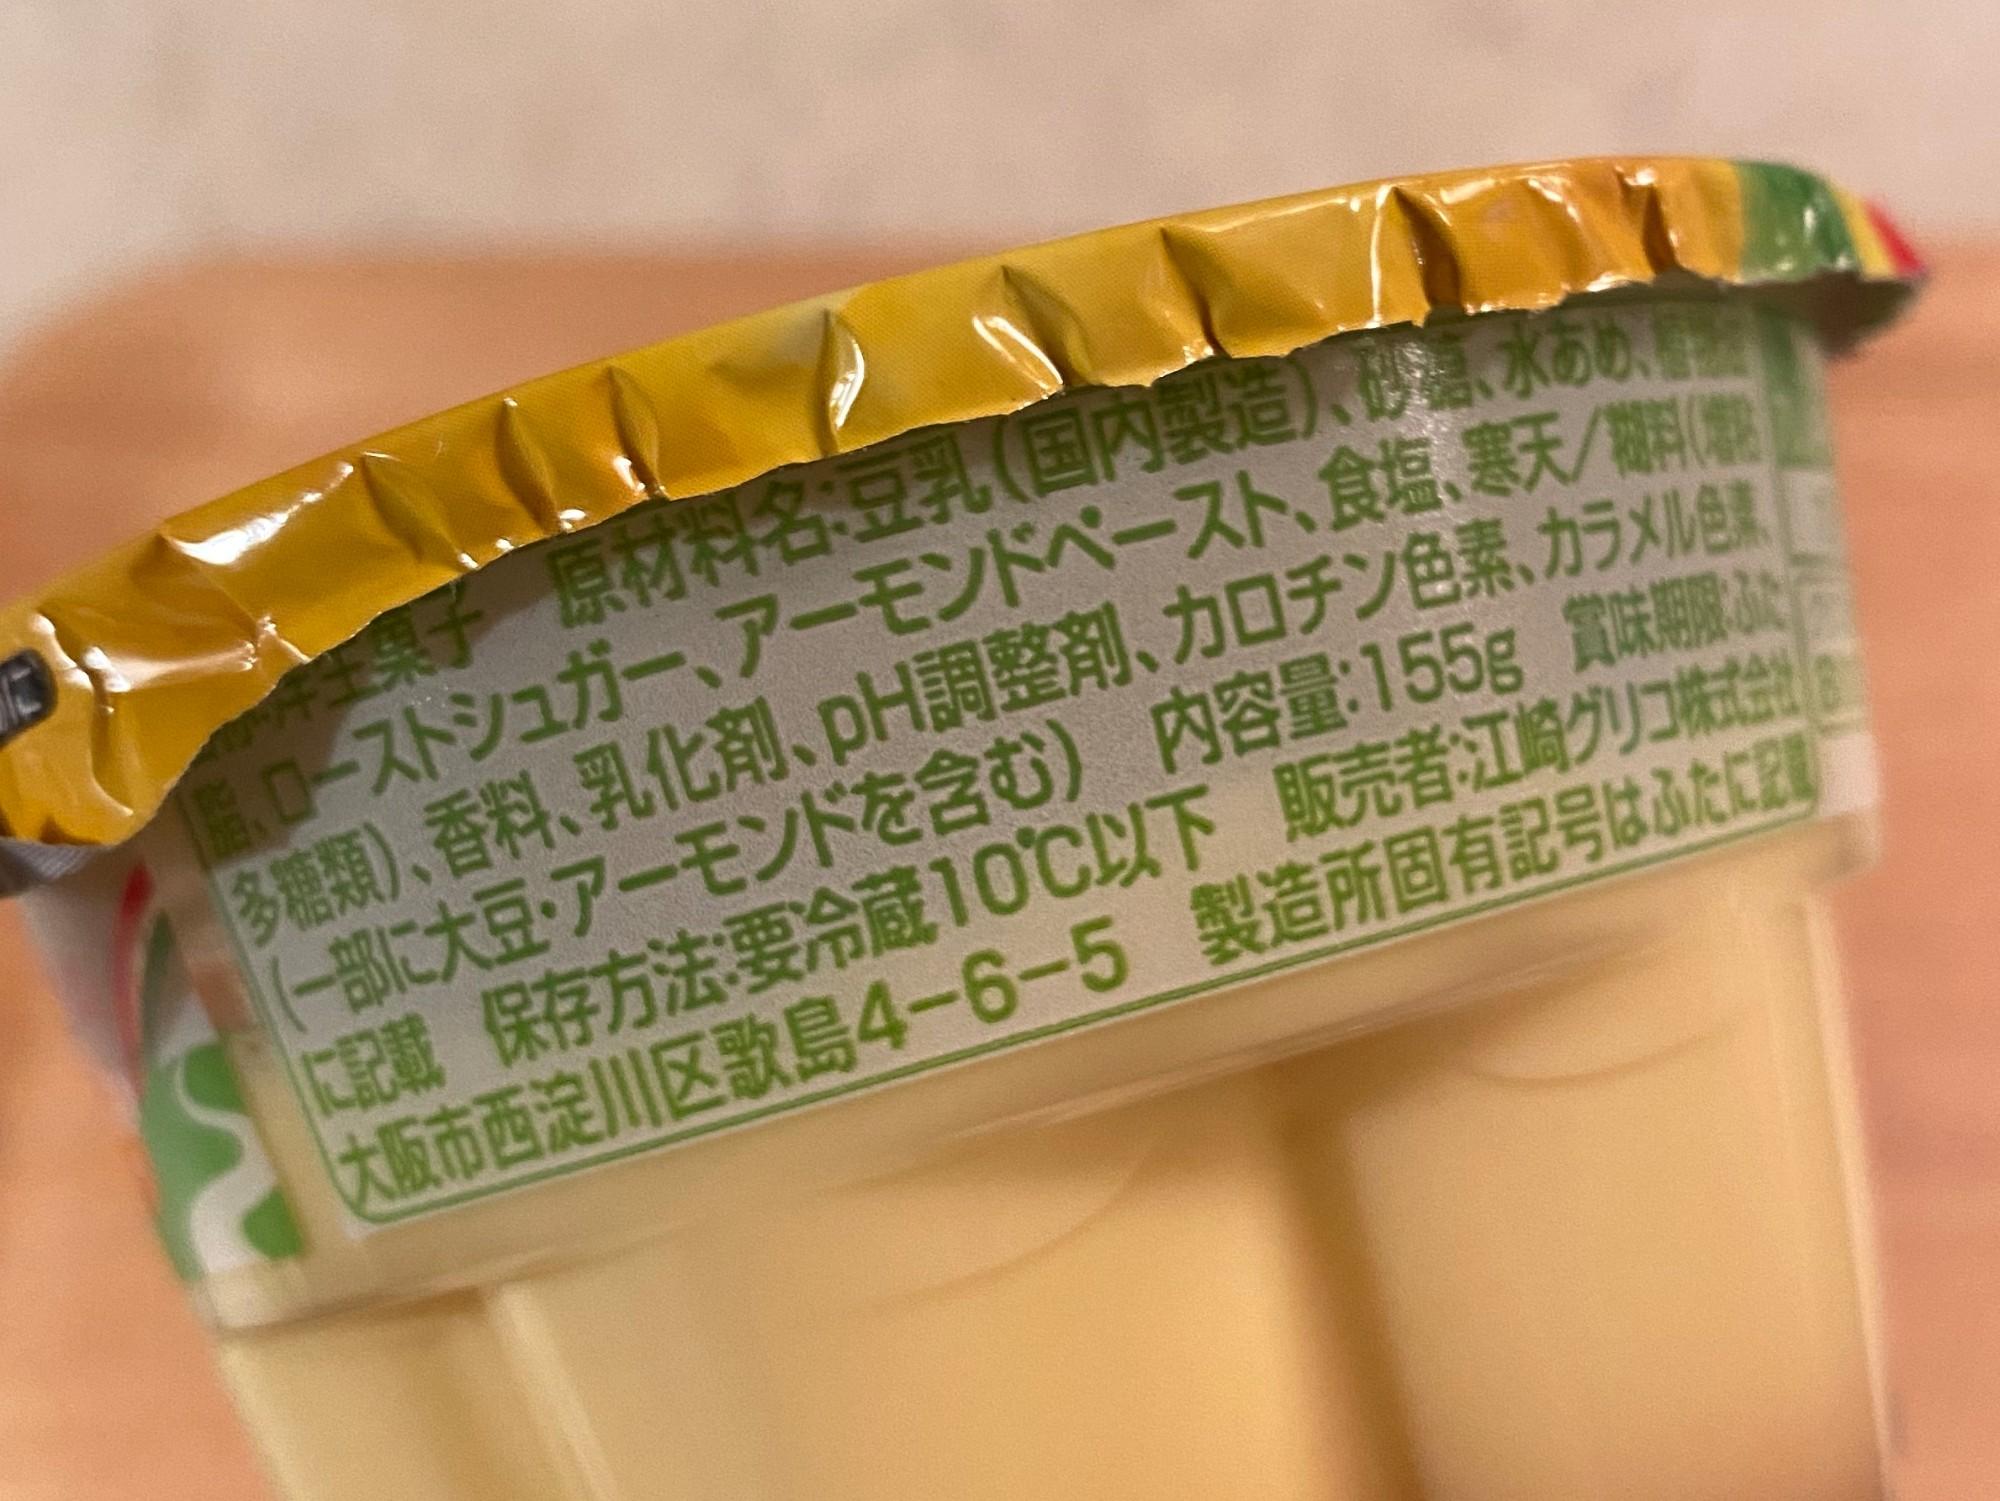 植物生まれのプッチンプリン(原材料)2